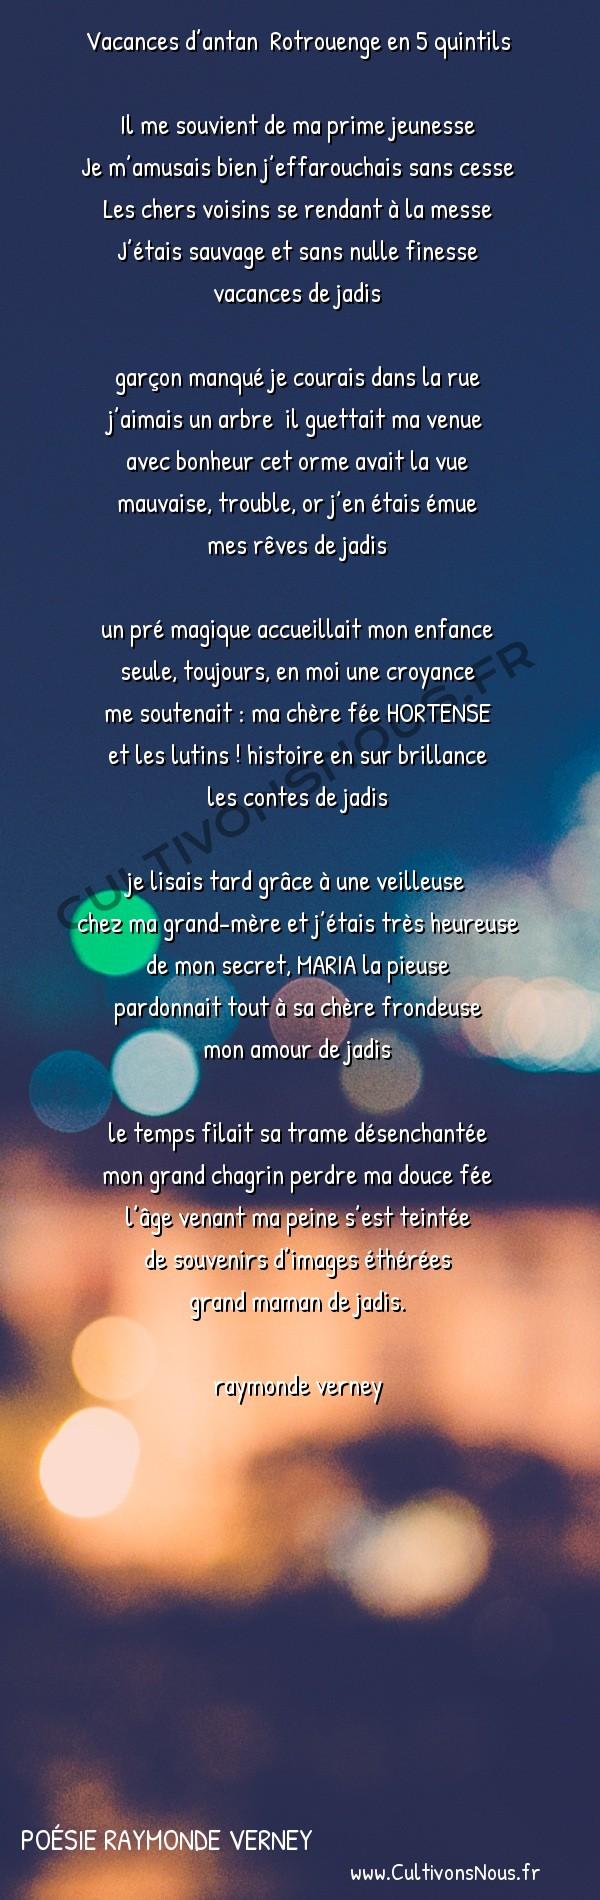 Poésies contemporaines - poésie raymonde verney - Vacances d'antan  Rotrouenge en 5 quintils -   Vacances d'antan Rotrouenge en 5 quintils Il me souvient de ma prime jeunesse